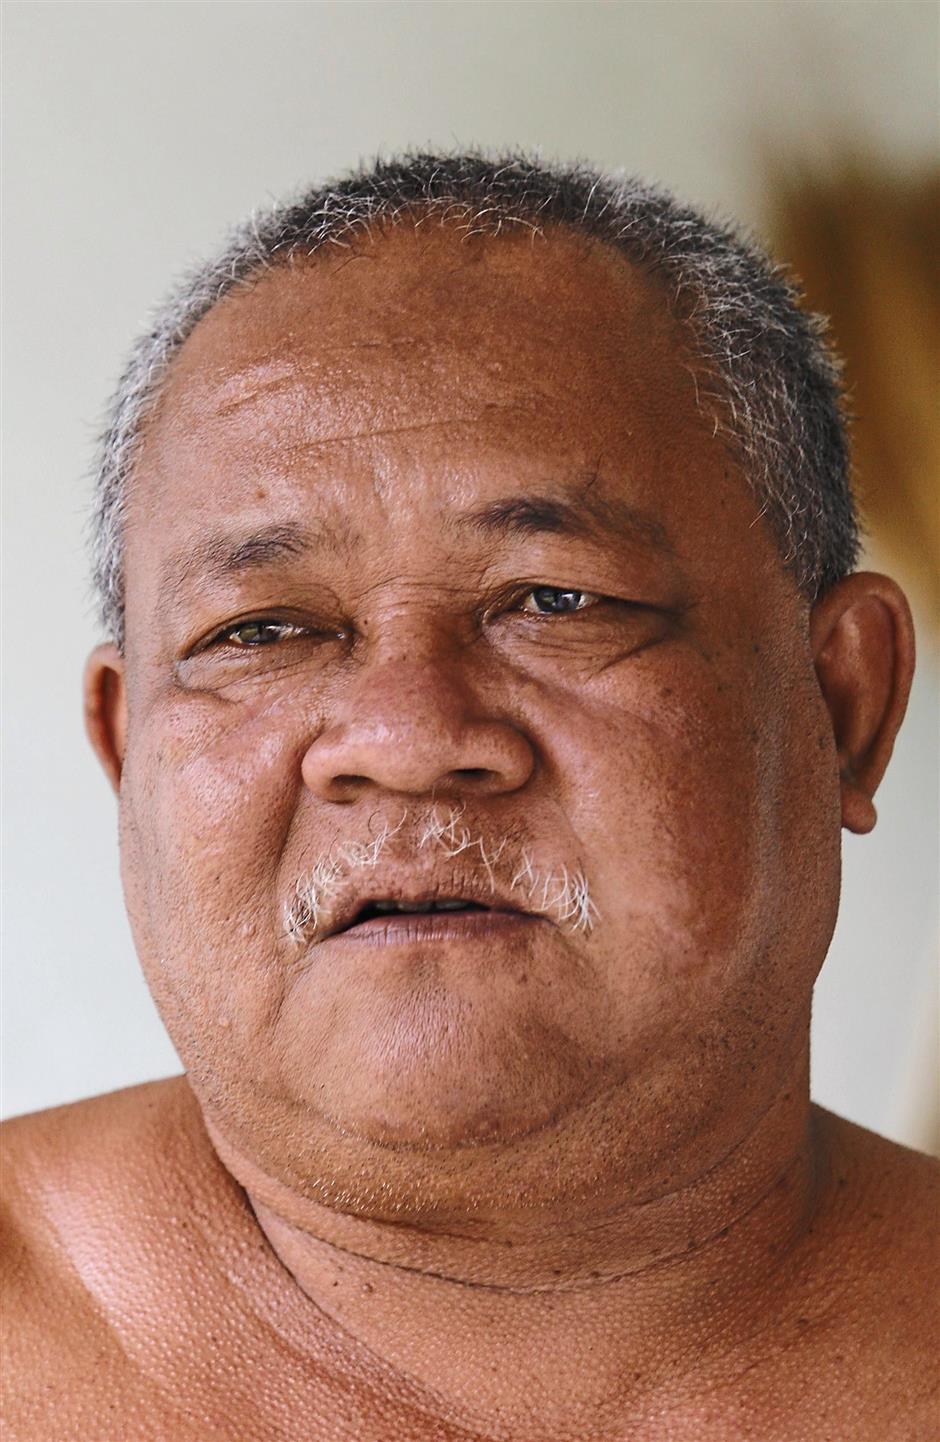 Retiree Bah Daf Tan,56